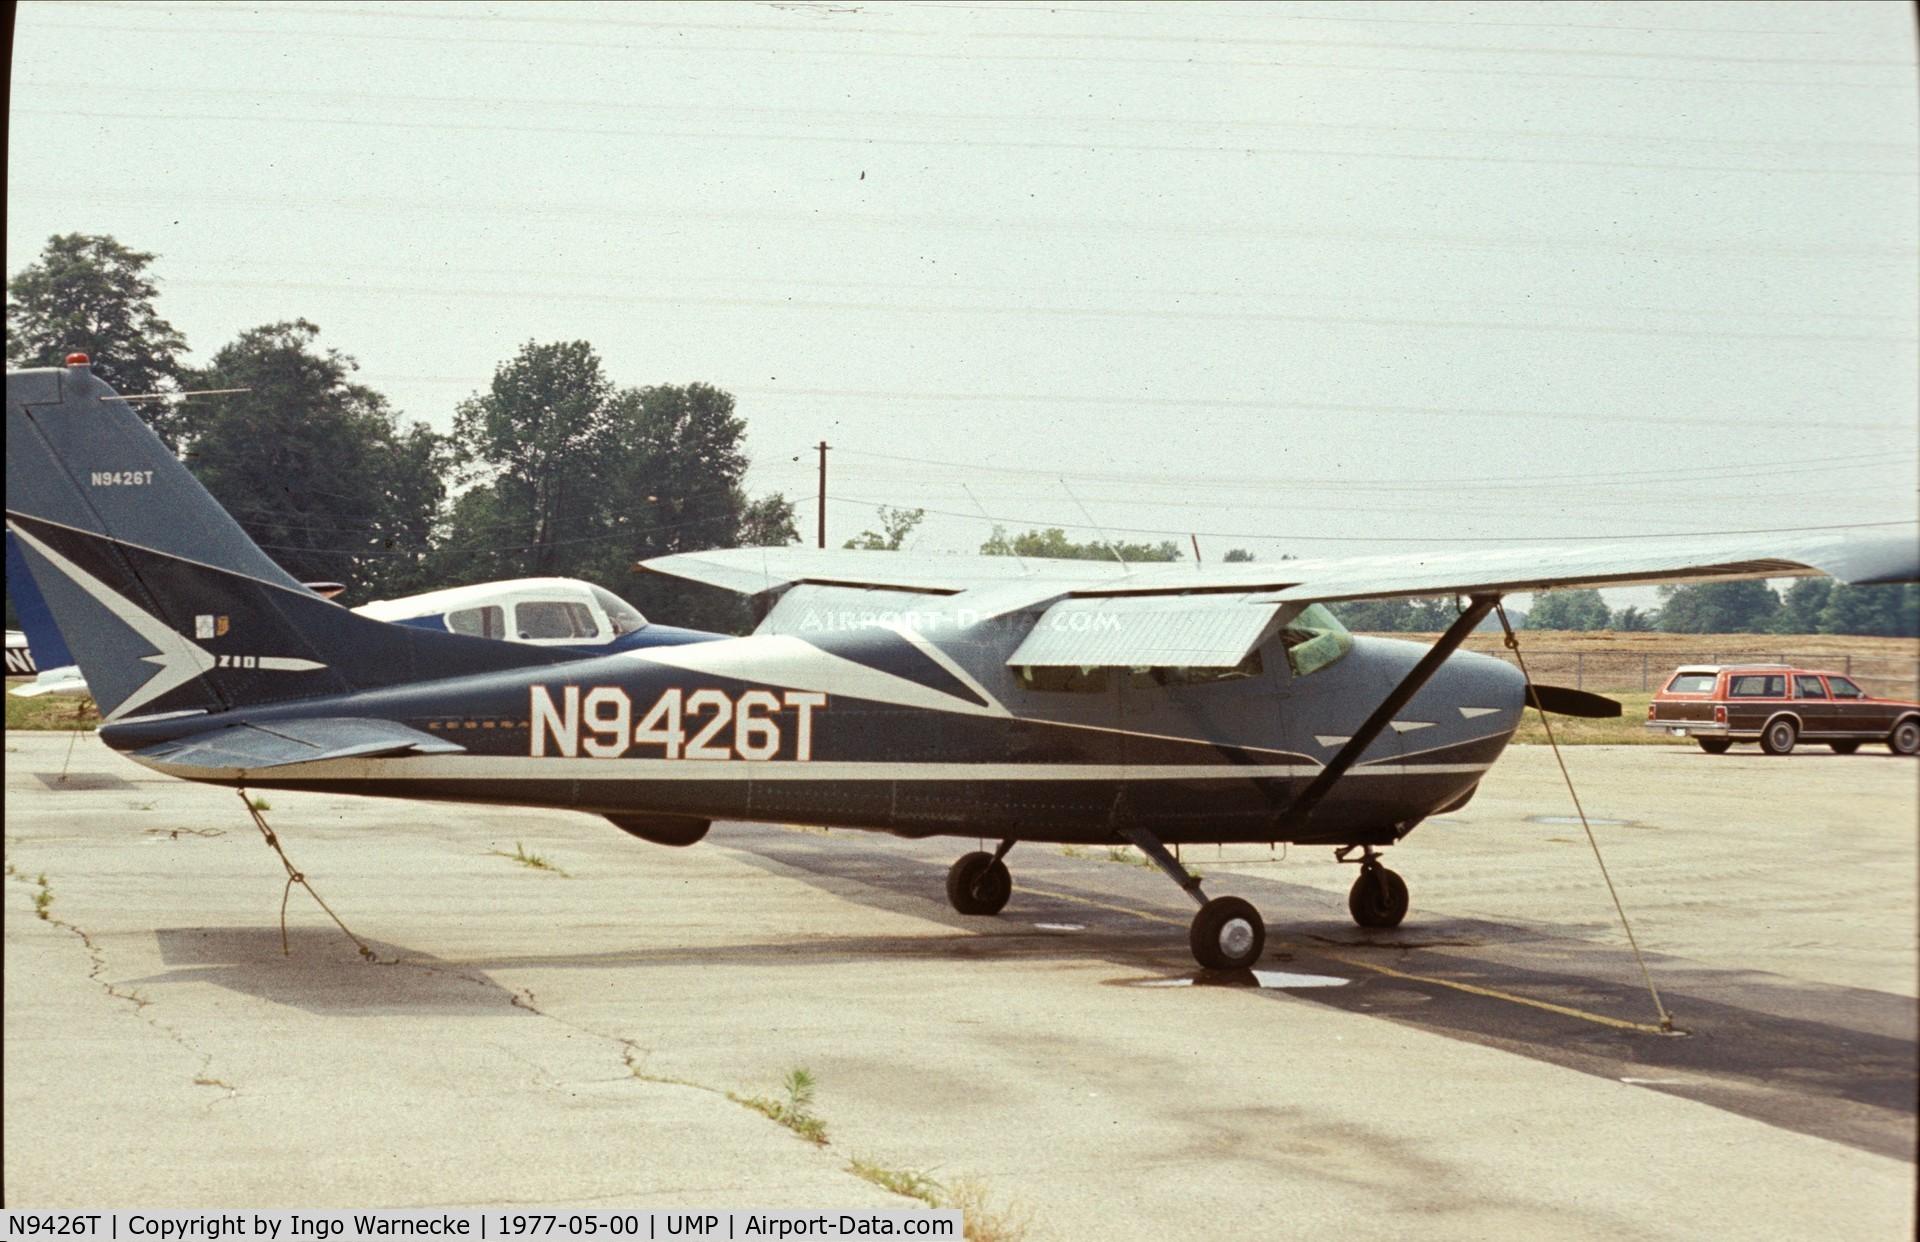 N9426T, 1959 Cessna 210 C/N 57226, Cessna 210 in what looks like the original design at Indianapolis Metropolitan Airport